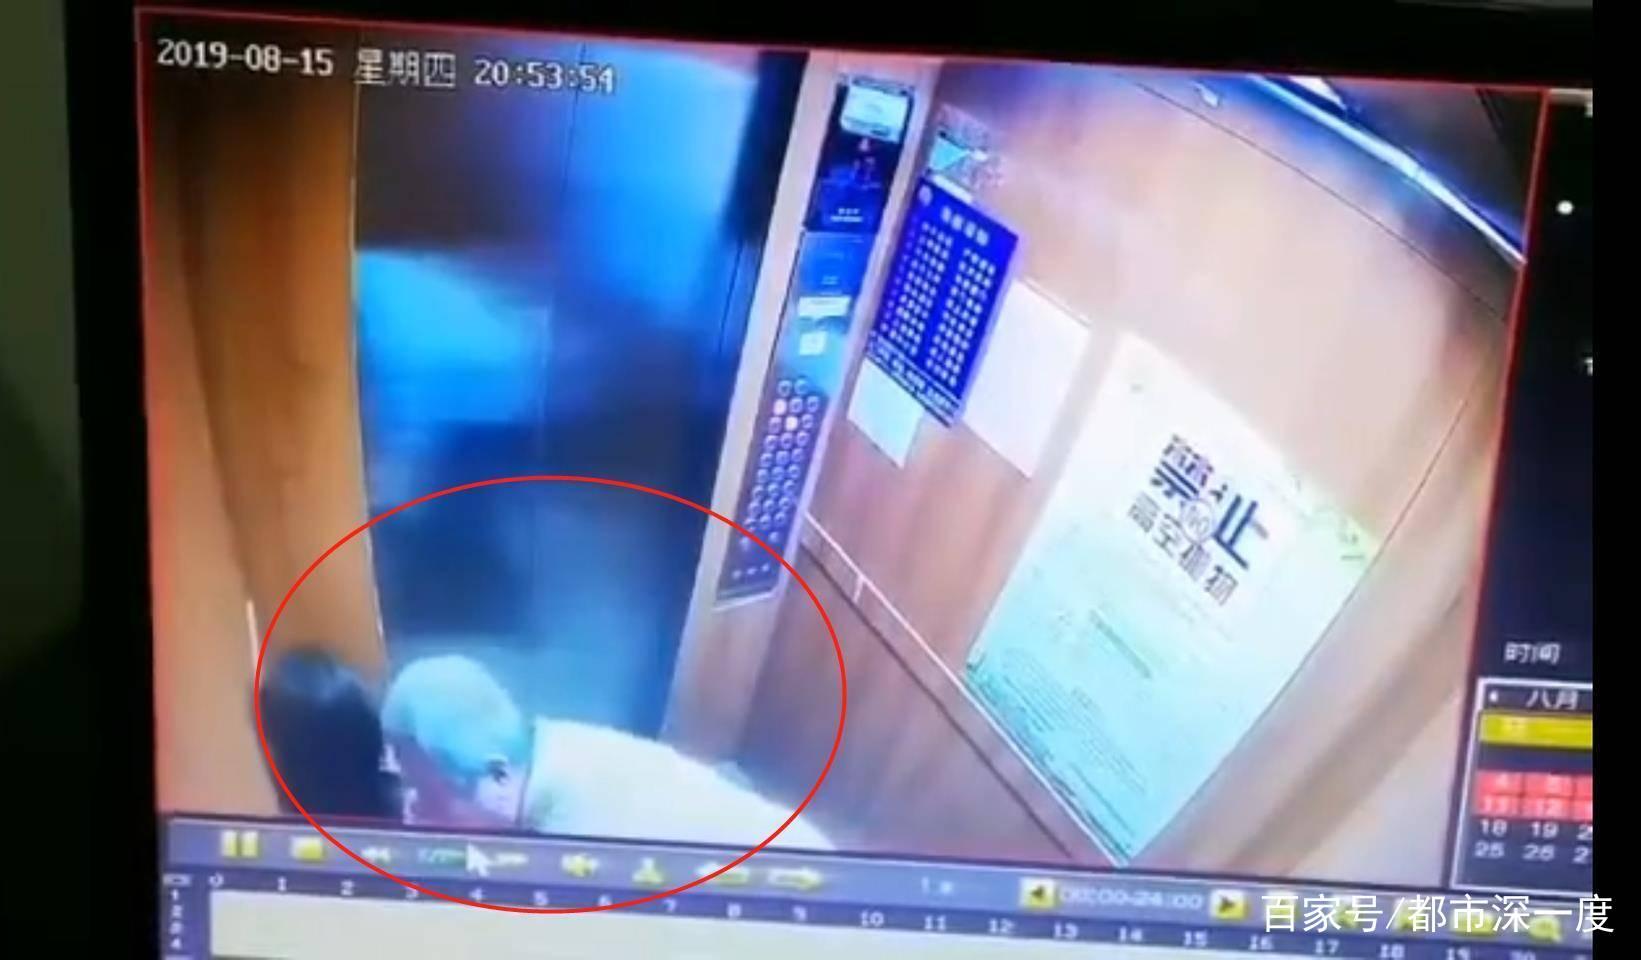 令人发指!白发老人在电梯里猥亵女童,拥抱亲吻长达一分多钟